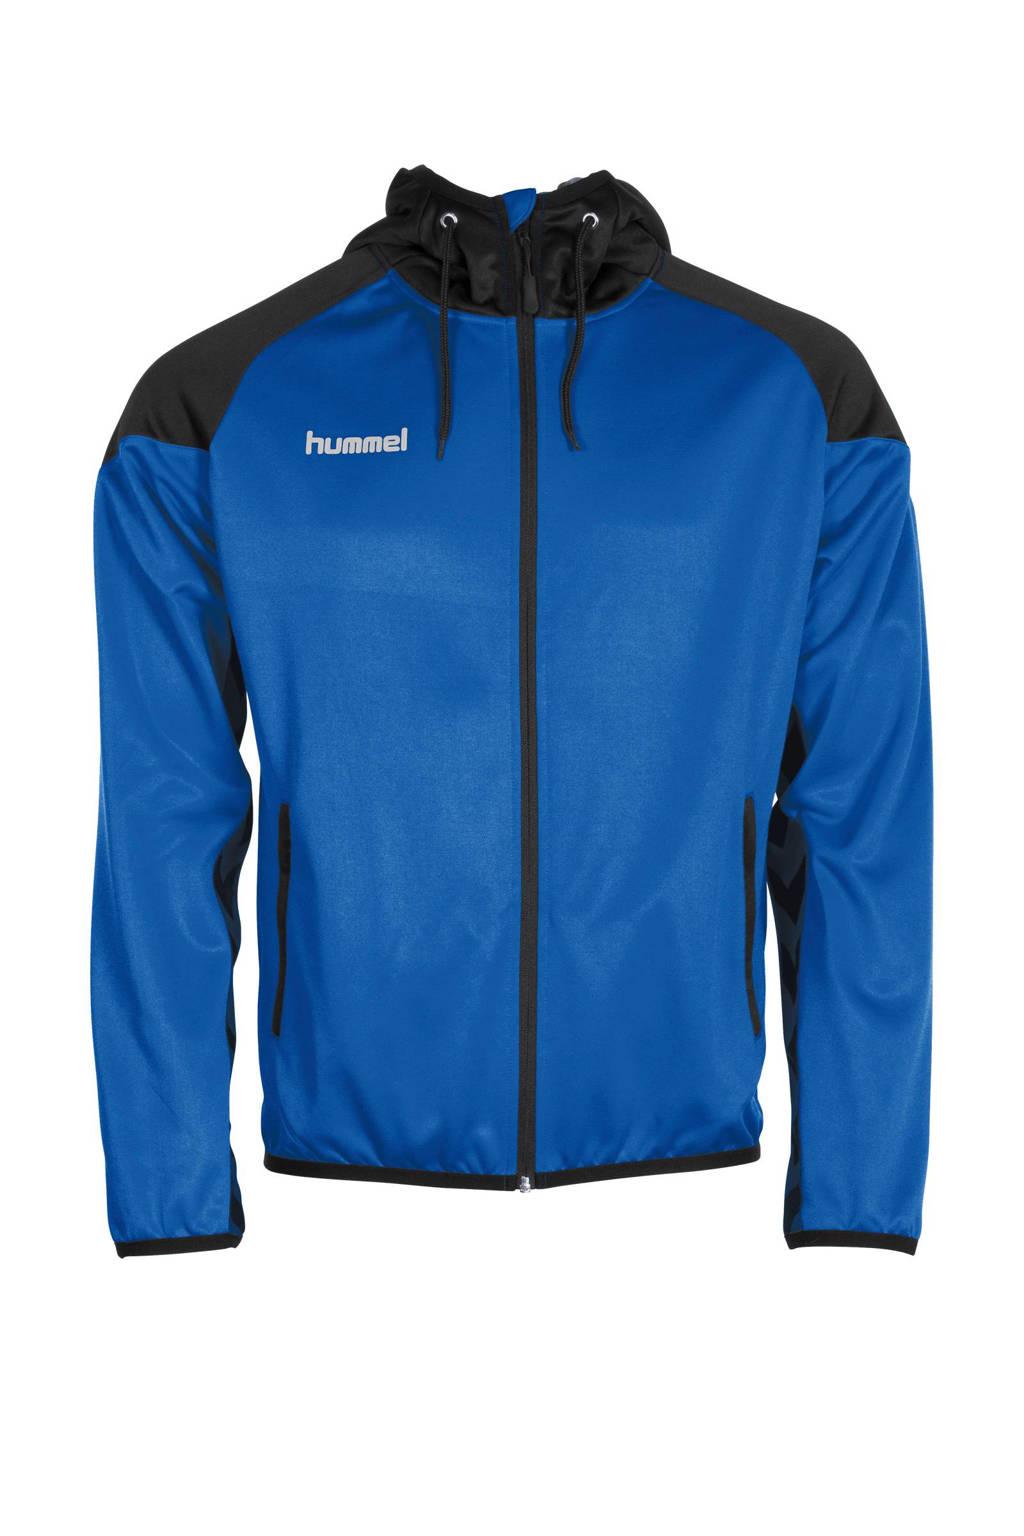 hummel Senior  sportvest, Blauw/zwart, Heren